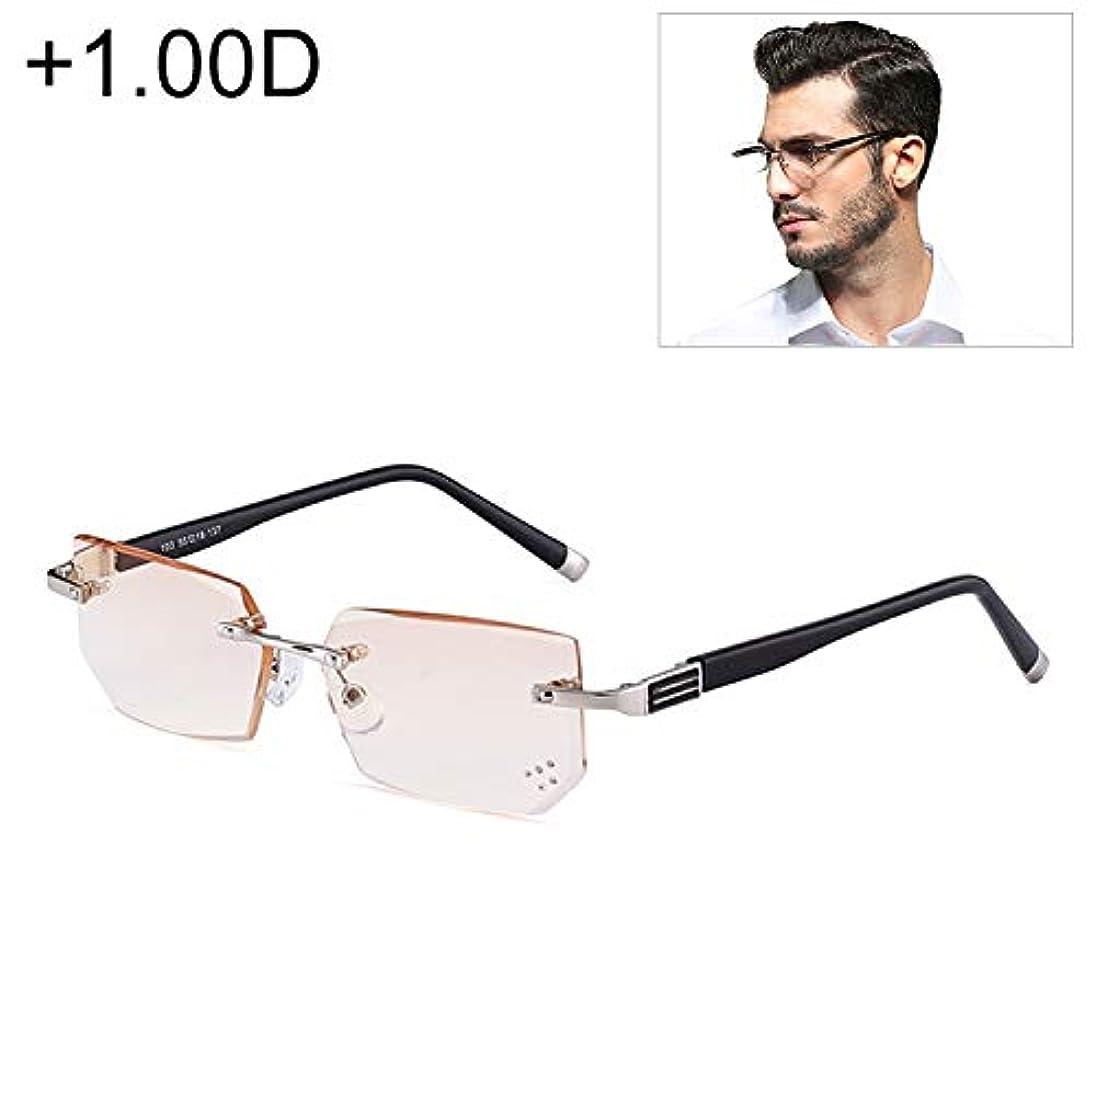 つまらない軽くなだめるYANGTIAN メンズアンチ疲労&ブルーレイリムレスラインストーントリミング老視メガネ、+ 1.00D YANG